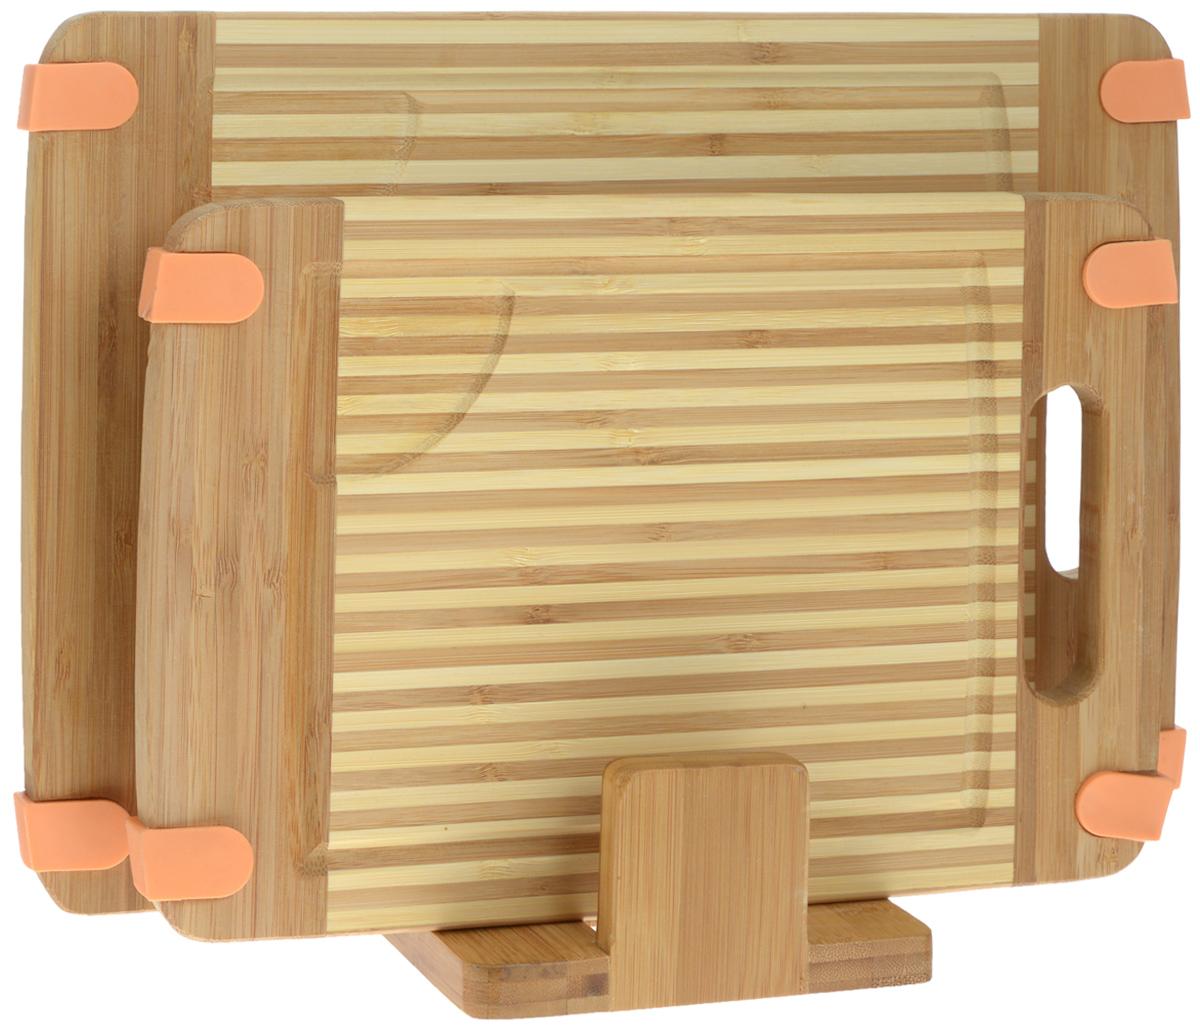 Набор разделочных досок Mayer & Boch, на подставке, 2 шт. 2259022590Набор Mayer & Boch состоит из двух прямоугольных разделочных досок и подставки. Изделия выполнены из экологически чистого бамбука. Бамбук является возобновляемым ресурсом, что делает его безопасным для использования. Не содержит красителей - перманентная краска не выцветает и не смывается. Бамбук впитывает влагу в маленьких количествах и обладает естественными антибактериальными свойствами. Доски отлично подходят для приготовления и измельчения пищи, а также для сервировки стола. Специальные силиконовые накладки предотвращают скольжение. Доски снабжены ручкой для комфортного использования, а также выемками по краю для стока жидкости. Такой набор станет практичным и полезным приобретением для вашей кухни. Размер досок: 35 х 25 х 1,6 см; 30 х 20 х 1,6 см. Размер подставки: 15 х 13 х 6 см.